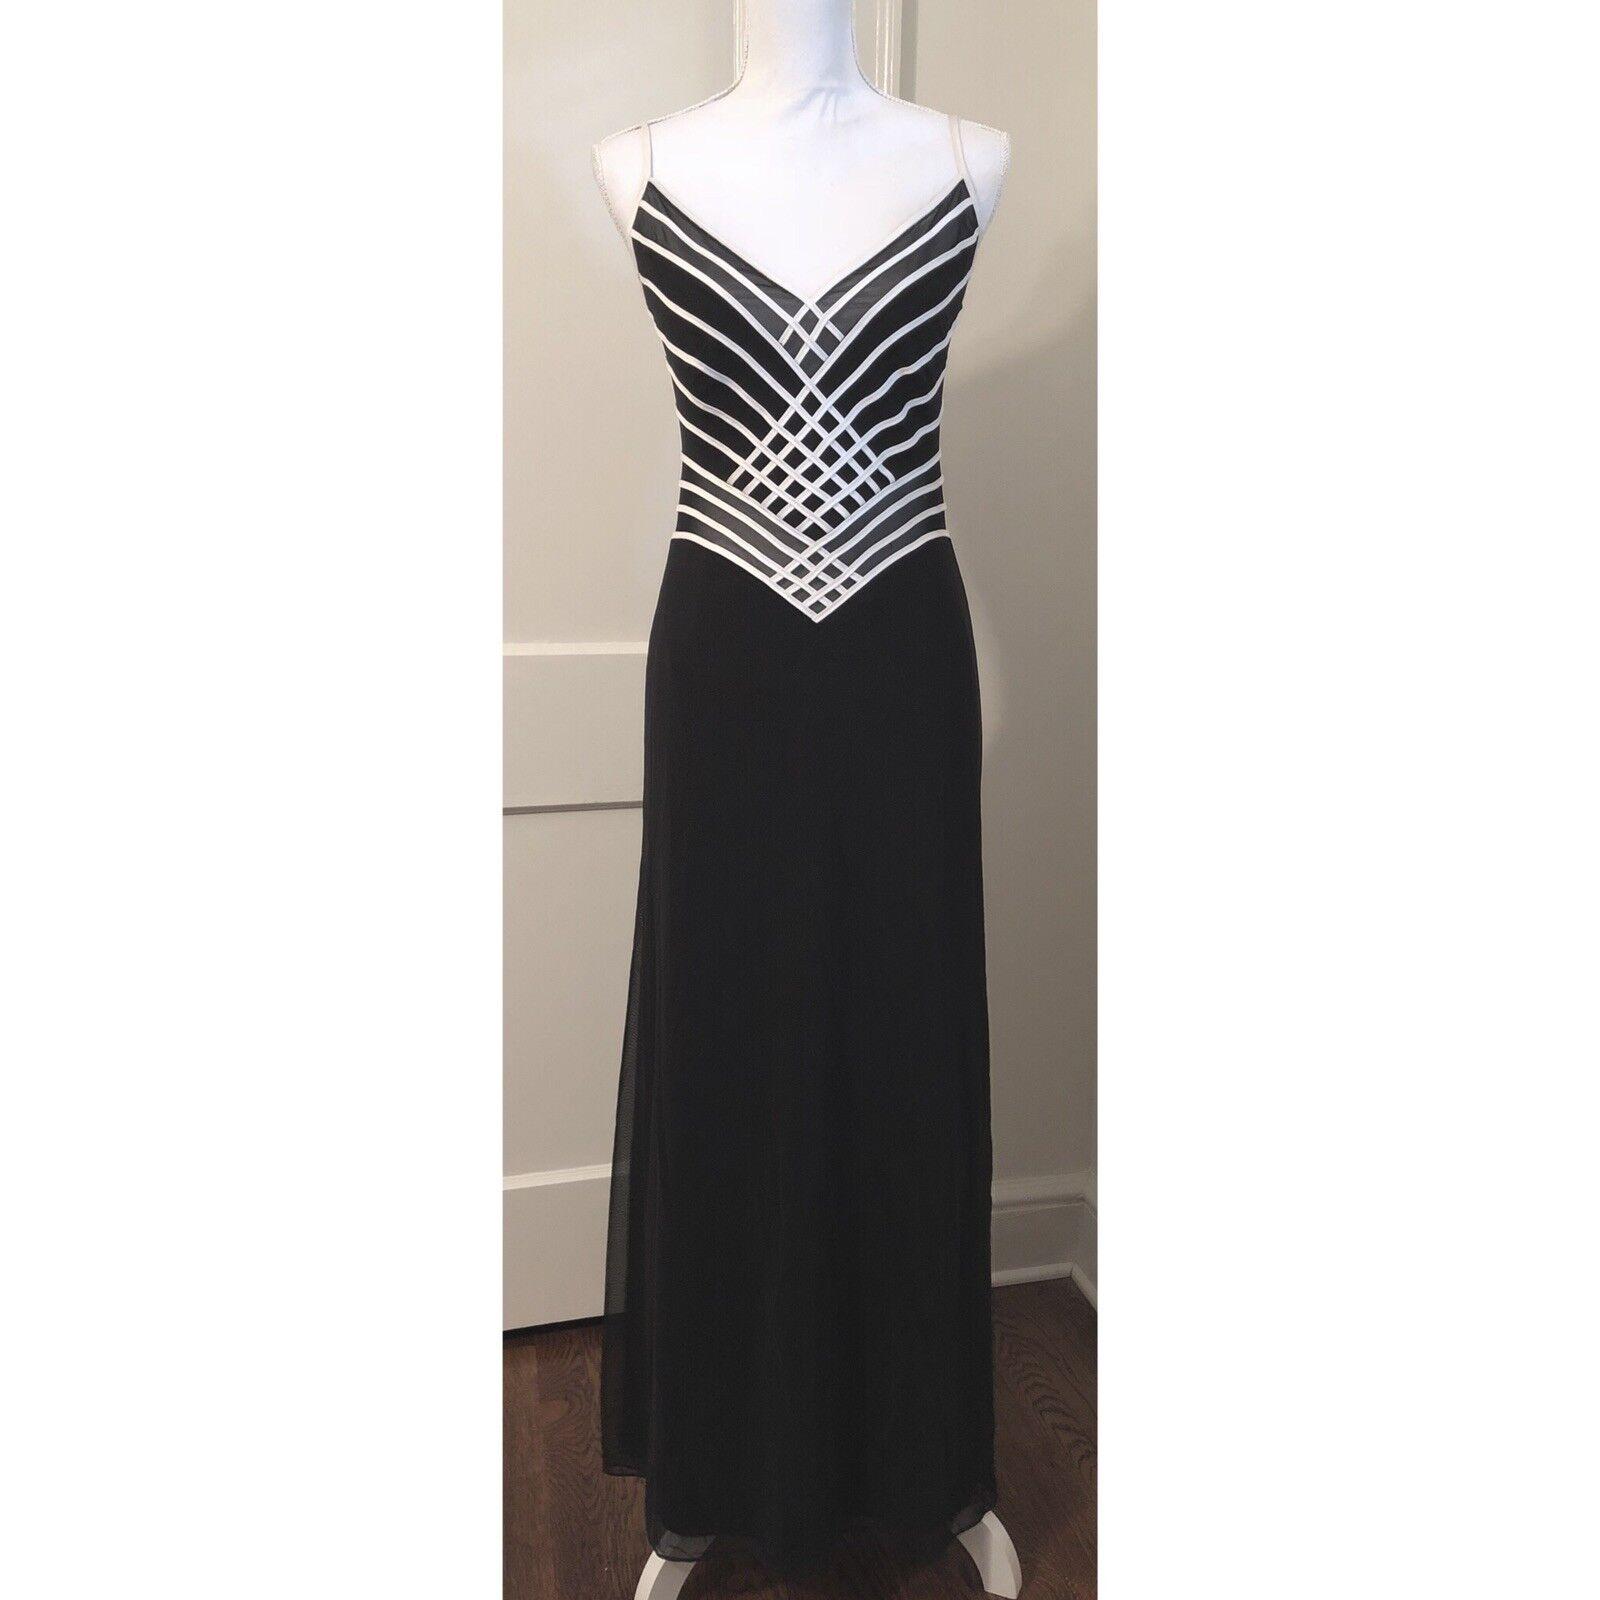 Tadashi schwarz Weiß See Through Mesh Evening Gown Small